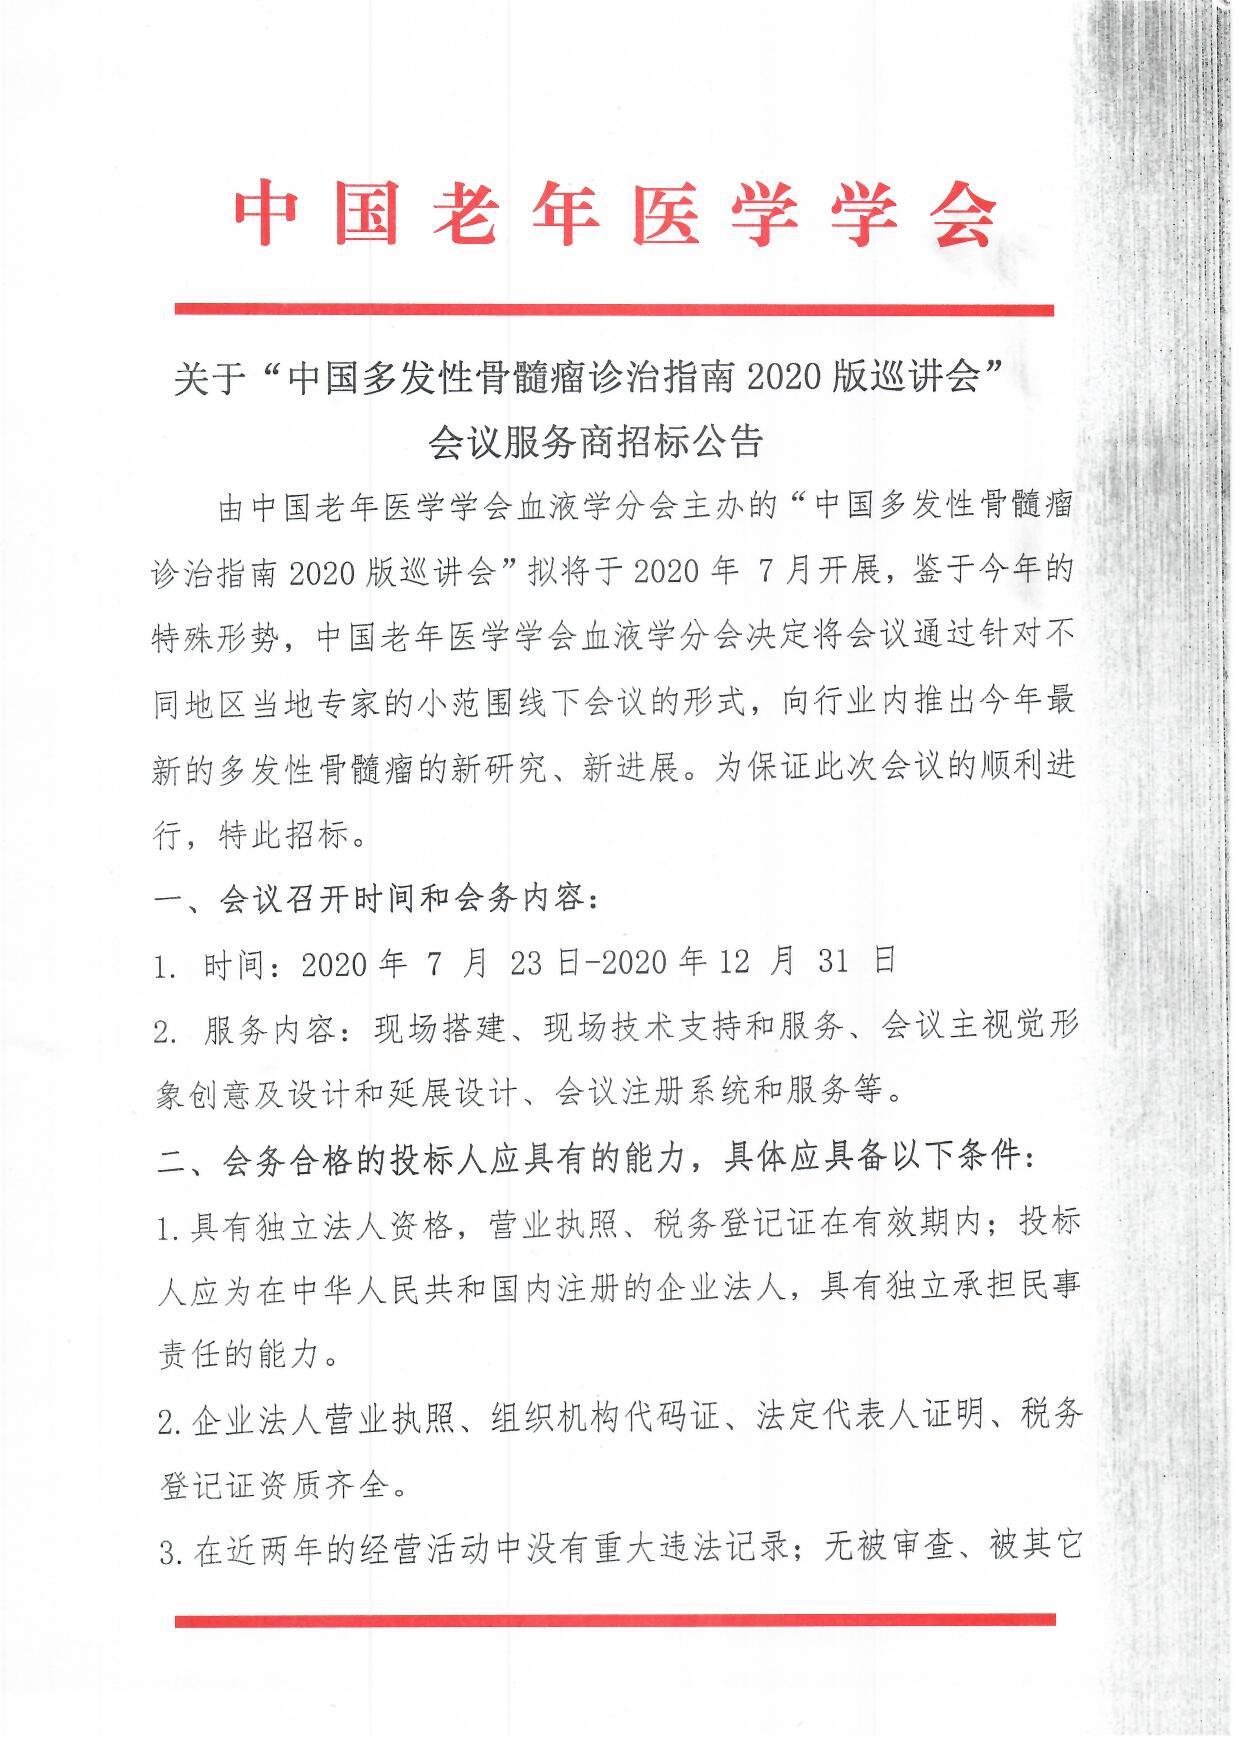 会议服务商招标公告-李_页面_1.jpg